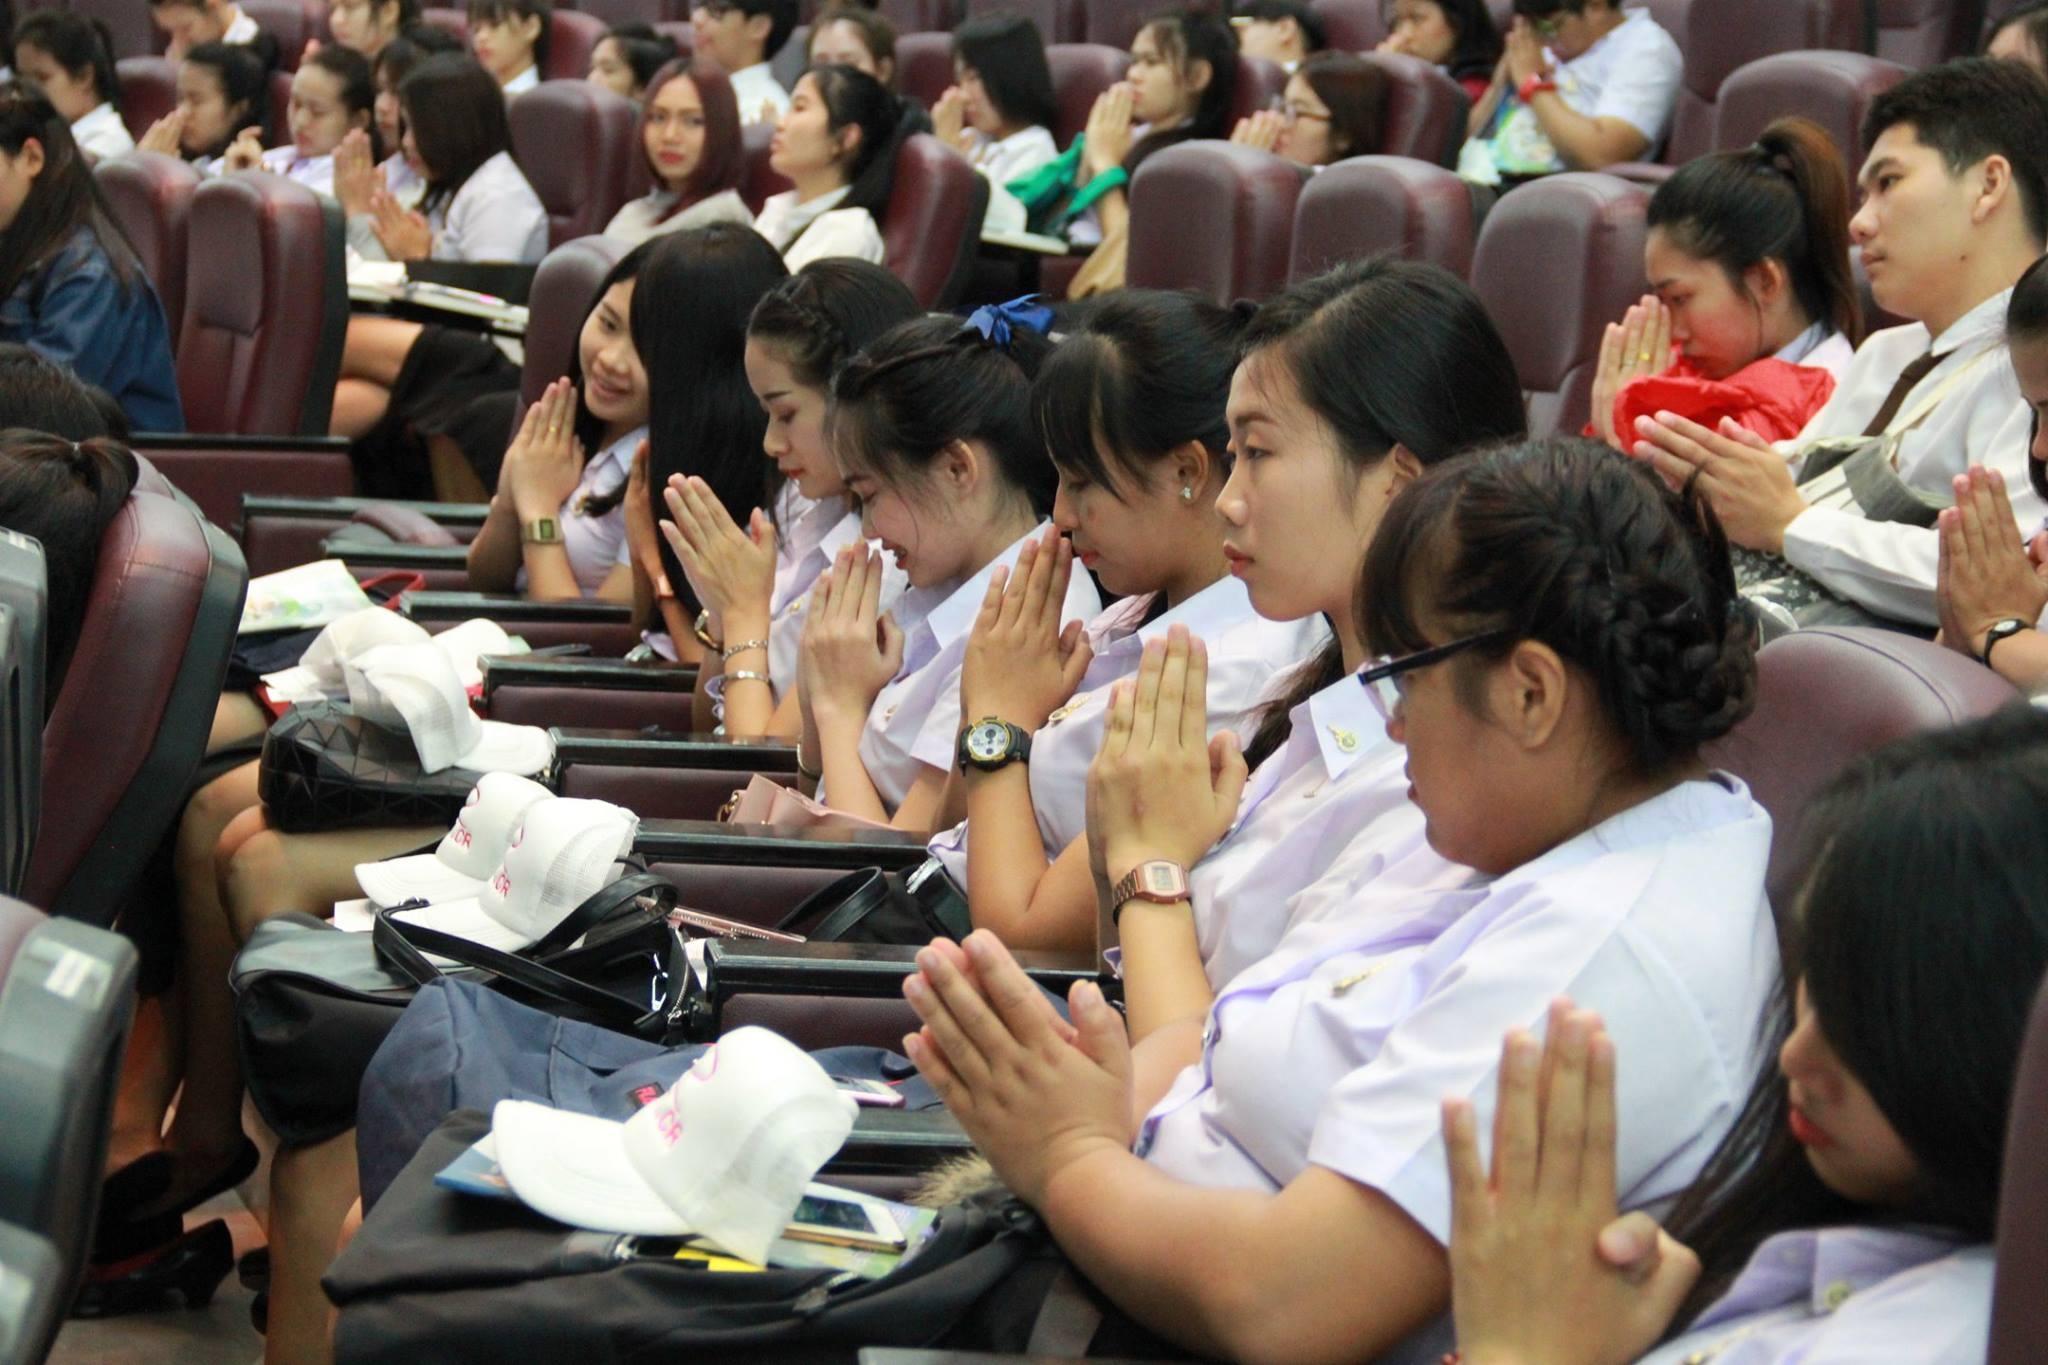 มทร.ล้านนา เชียงราย จัดอบรมปฐมนิเทศนักศึกษาใหม่ 2560